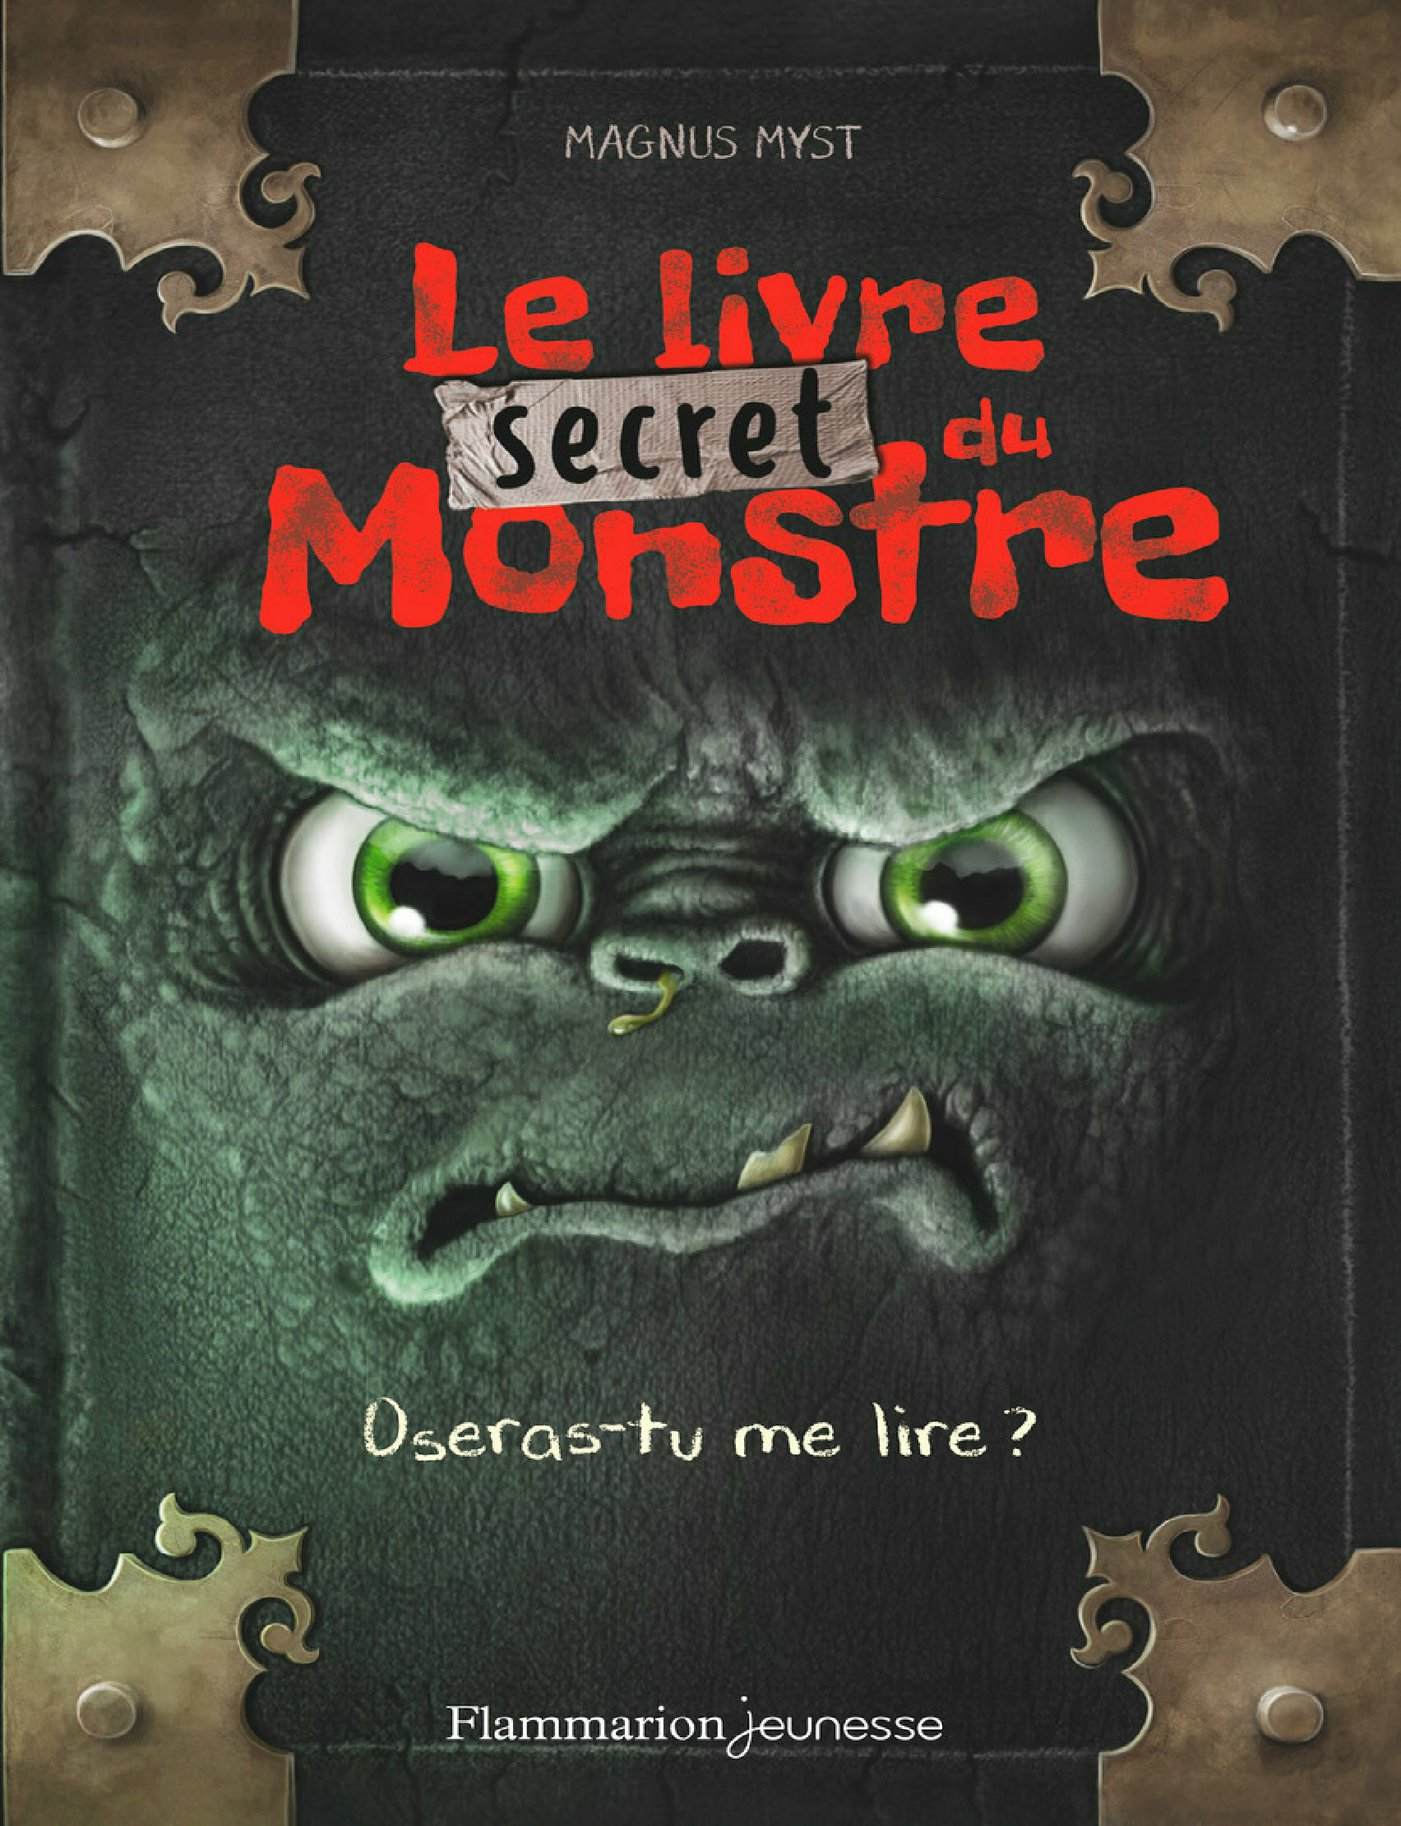 Le livre secret du monstre | Myst, Magnus